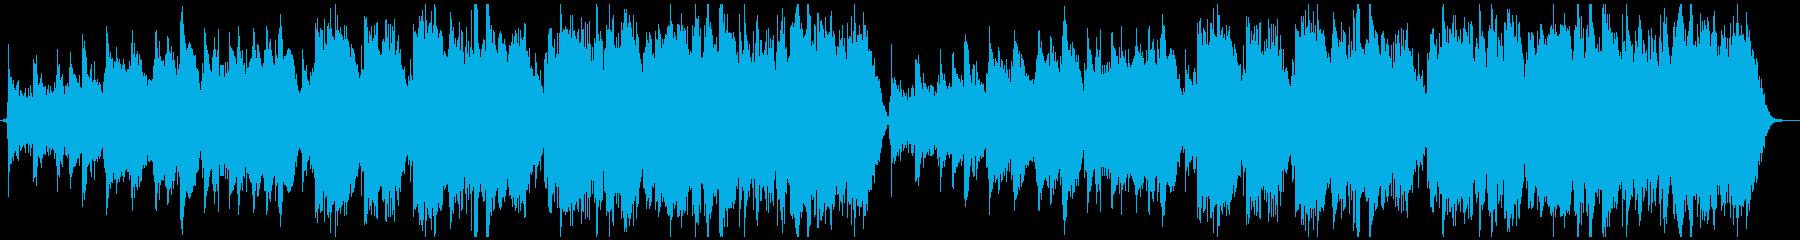 優しいケルト曲の再生済みの波形